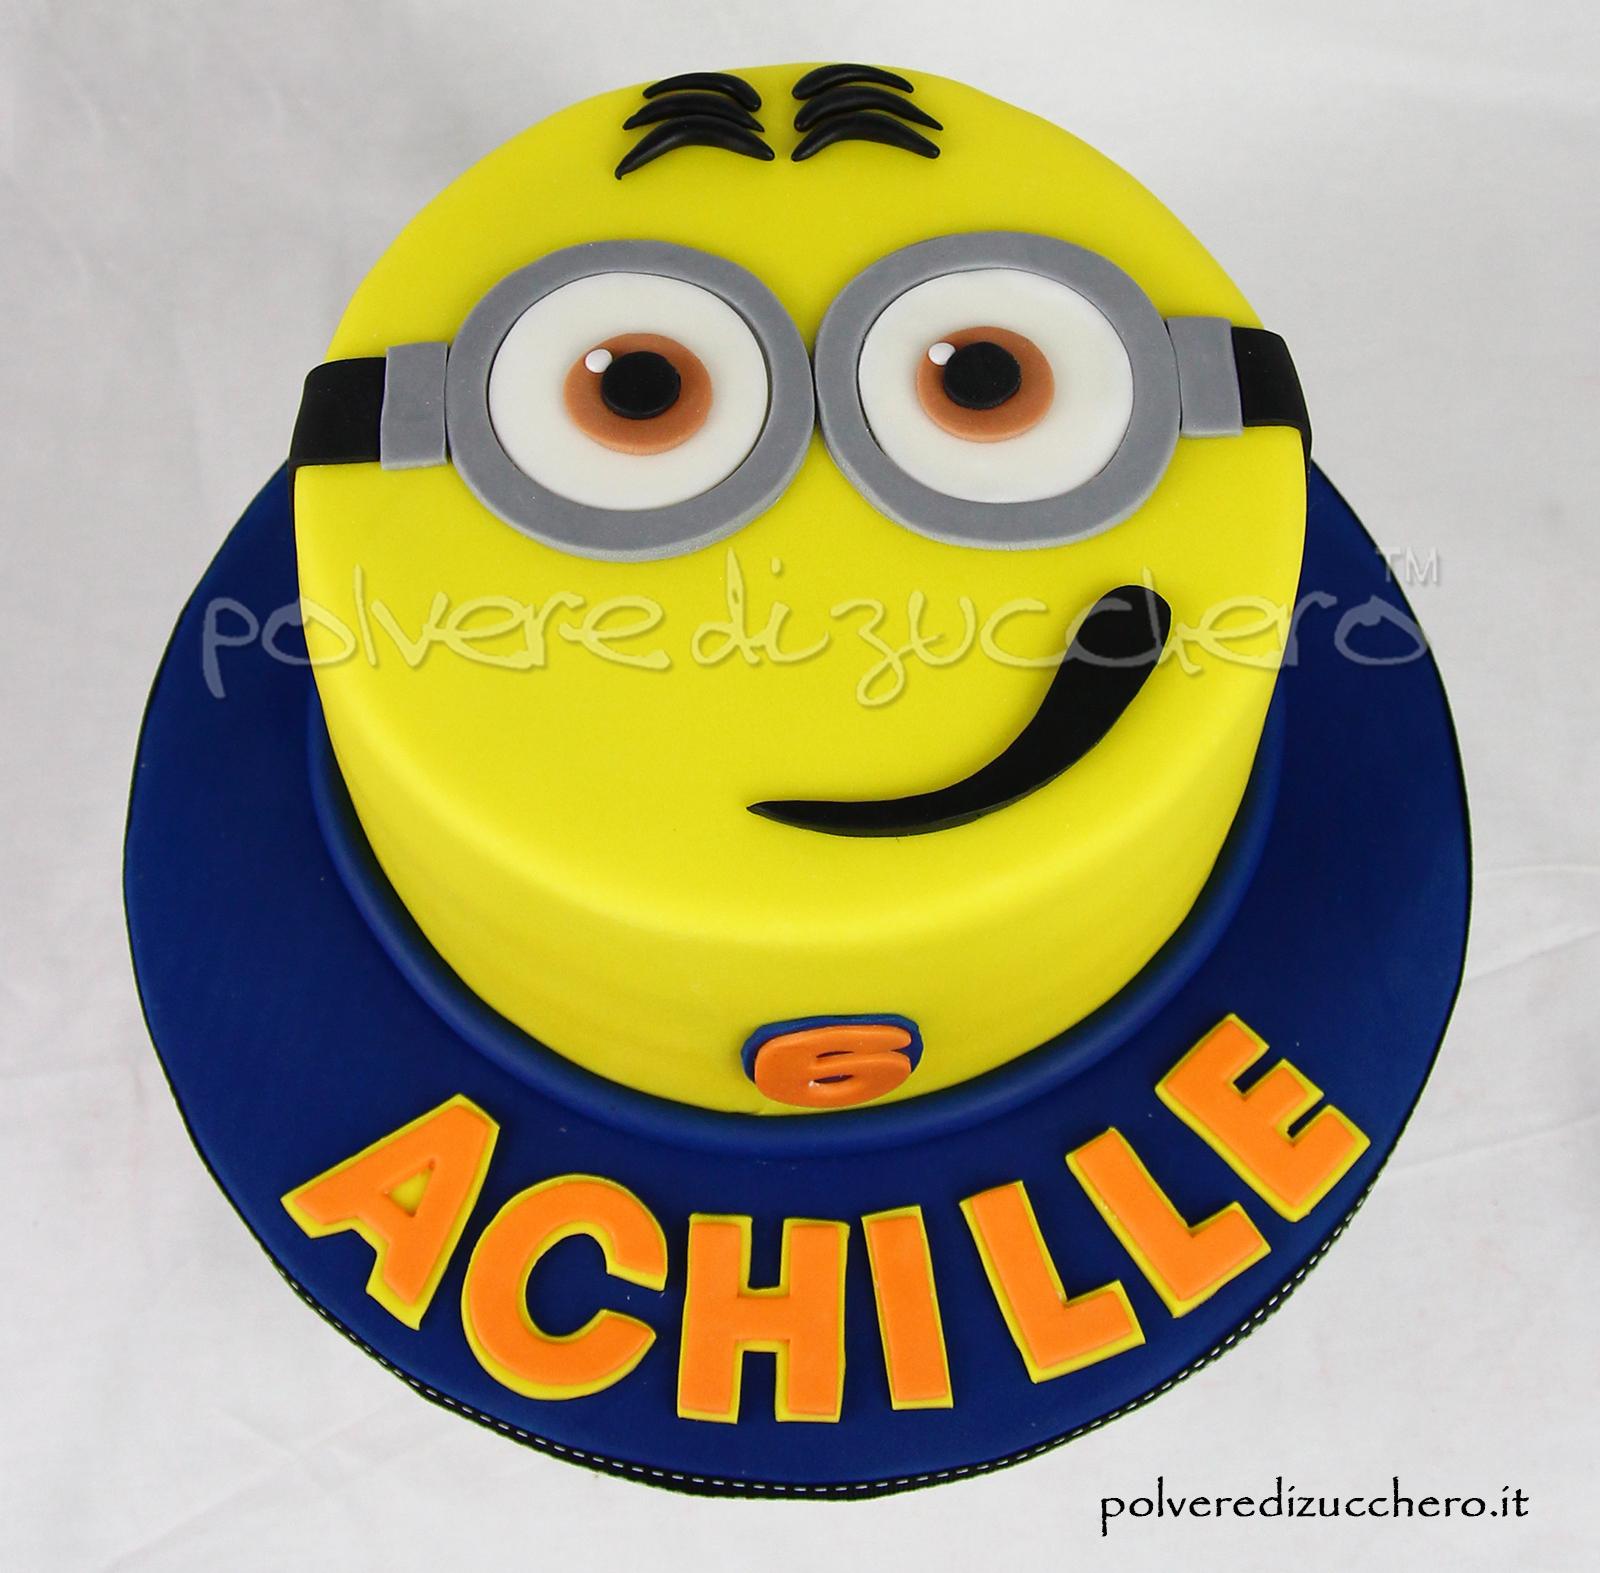 pasta di zucchero cake design torta decorata compleanno minions faccia personaggio polvere di zucchero